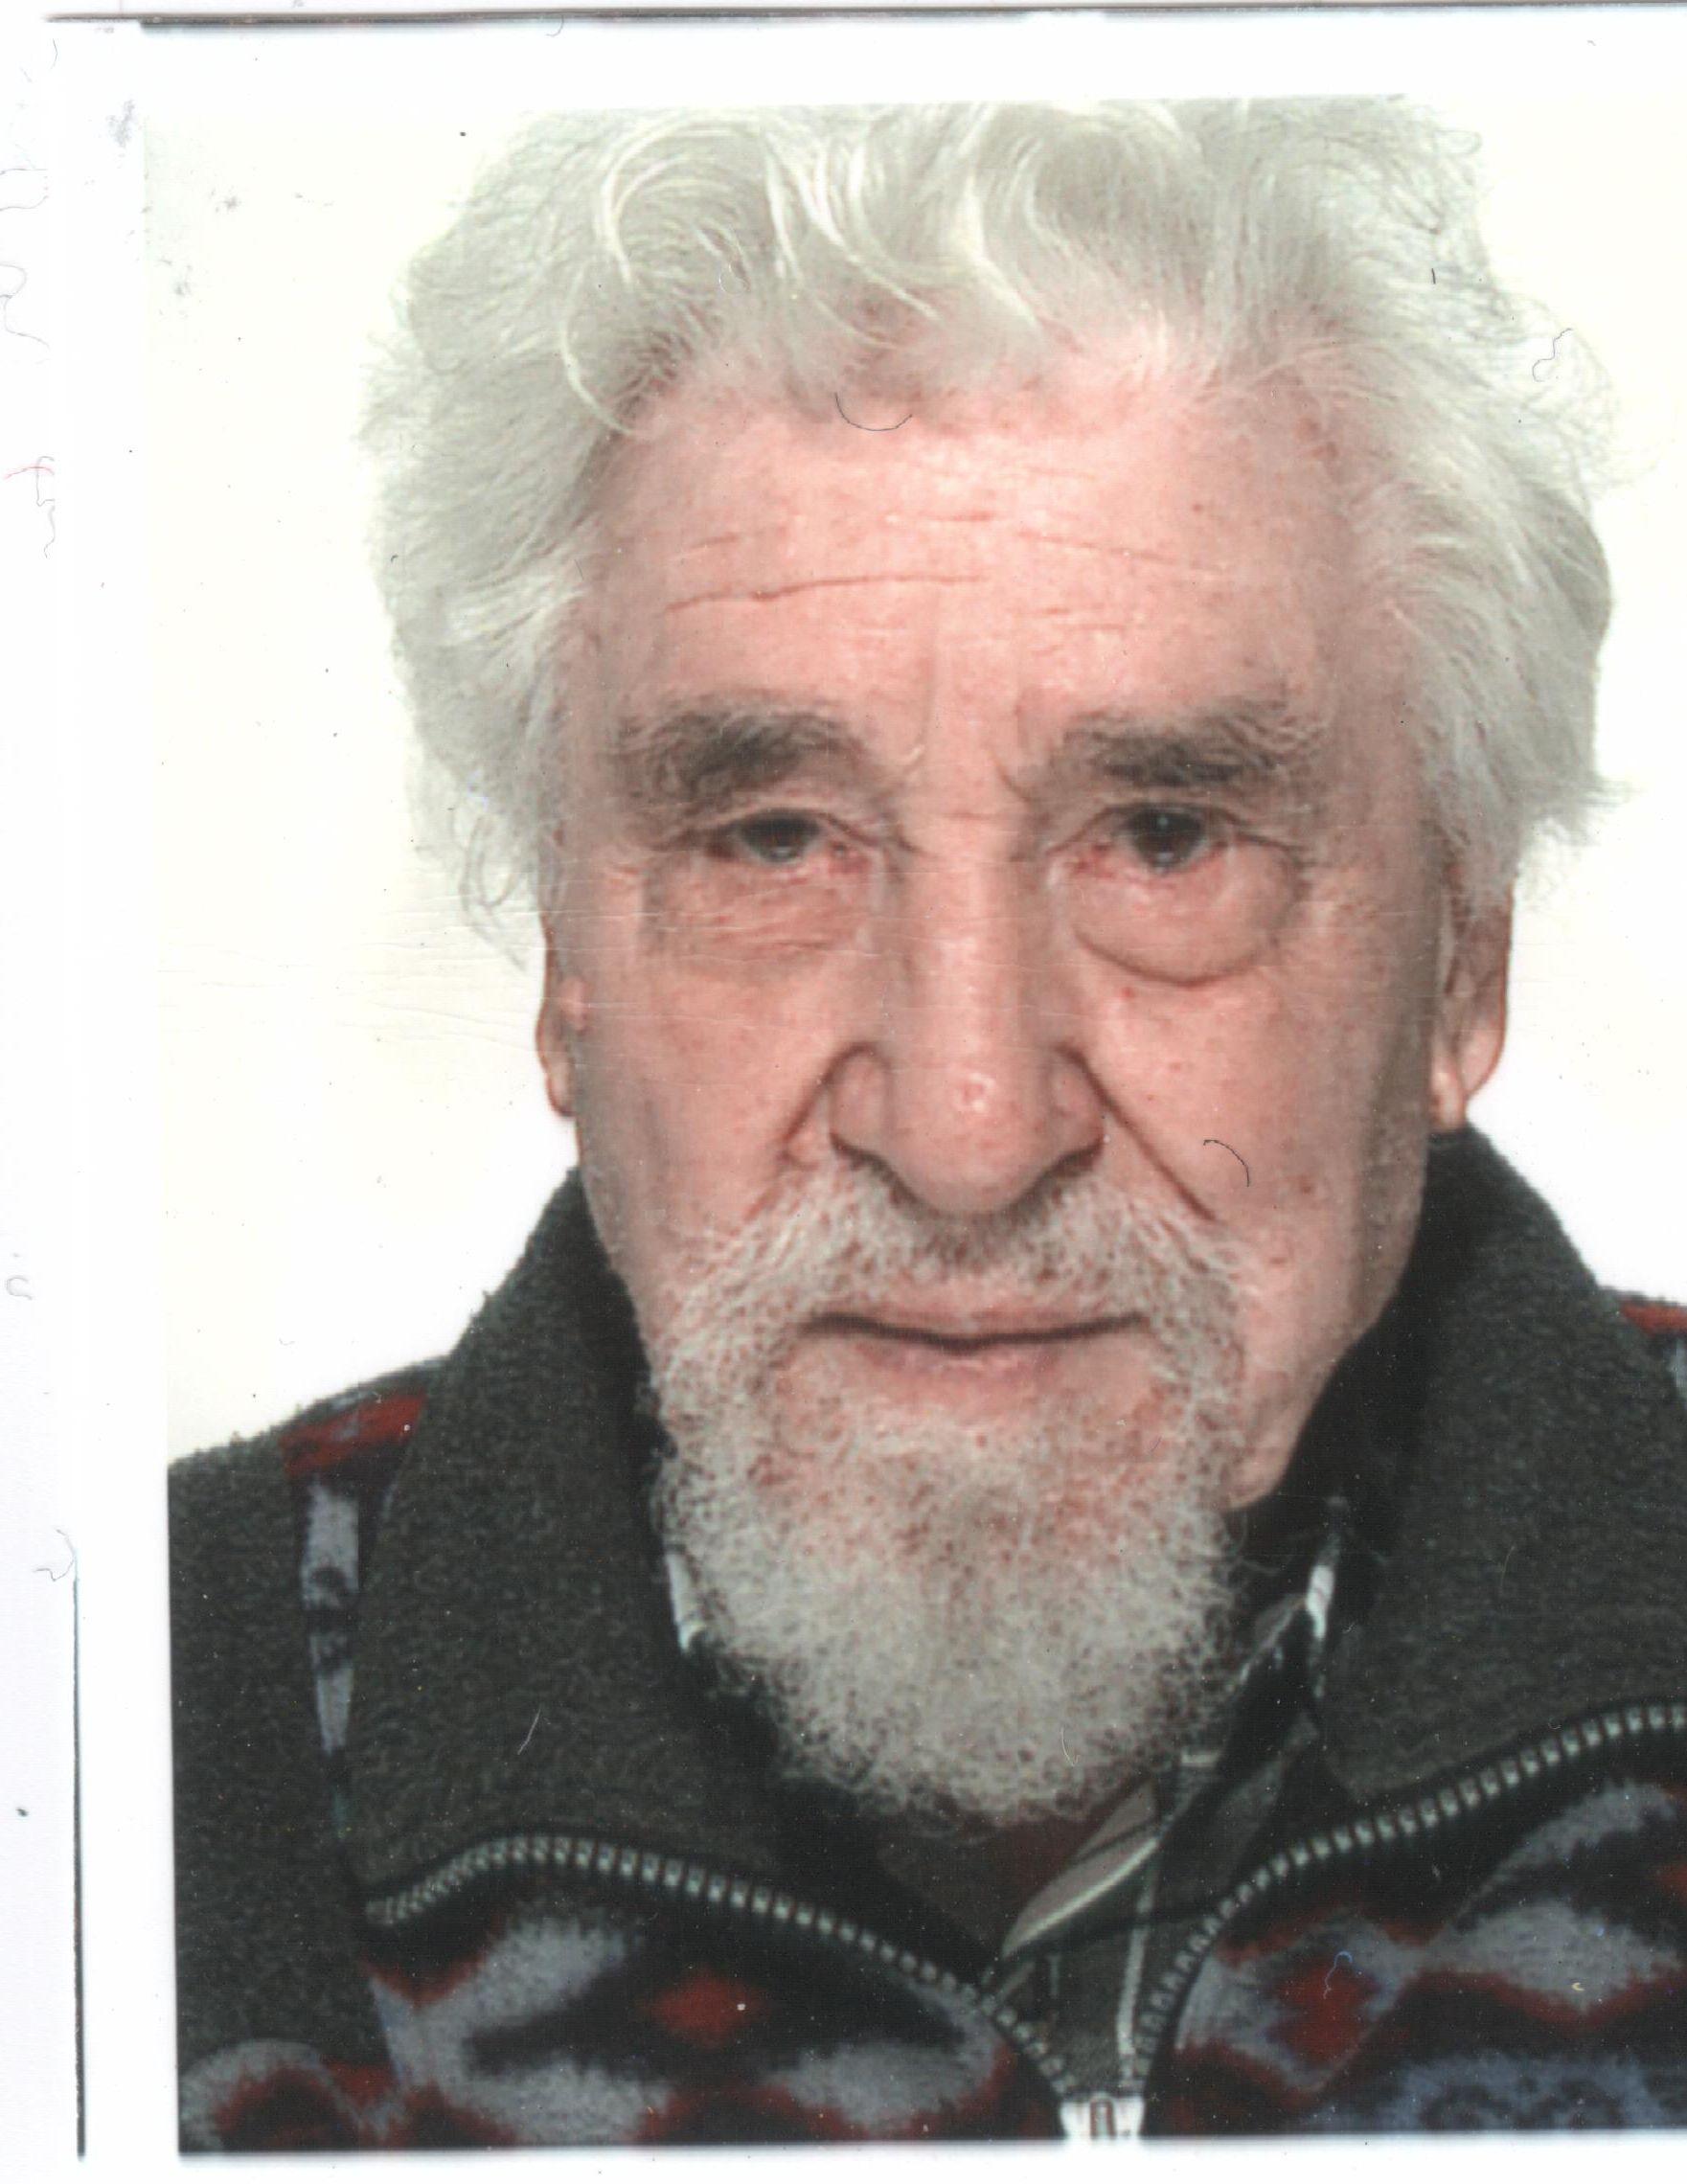 Antonio Íbero Layetano (alias el Bicho raro)